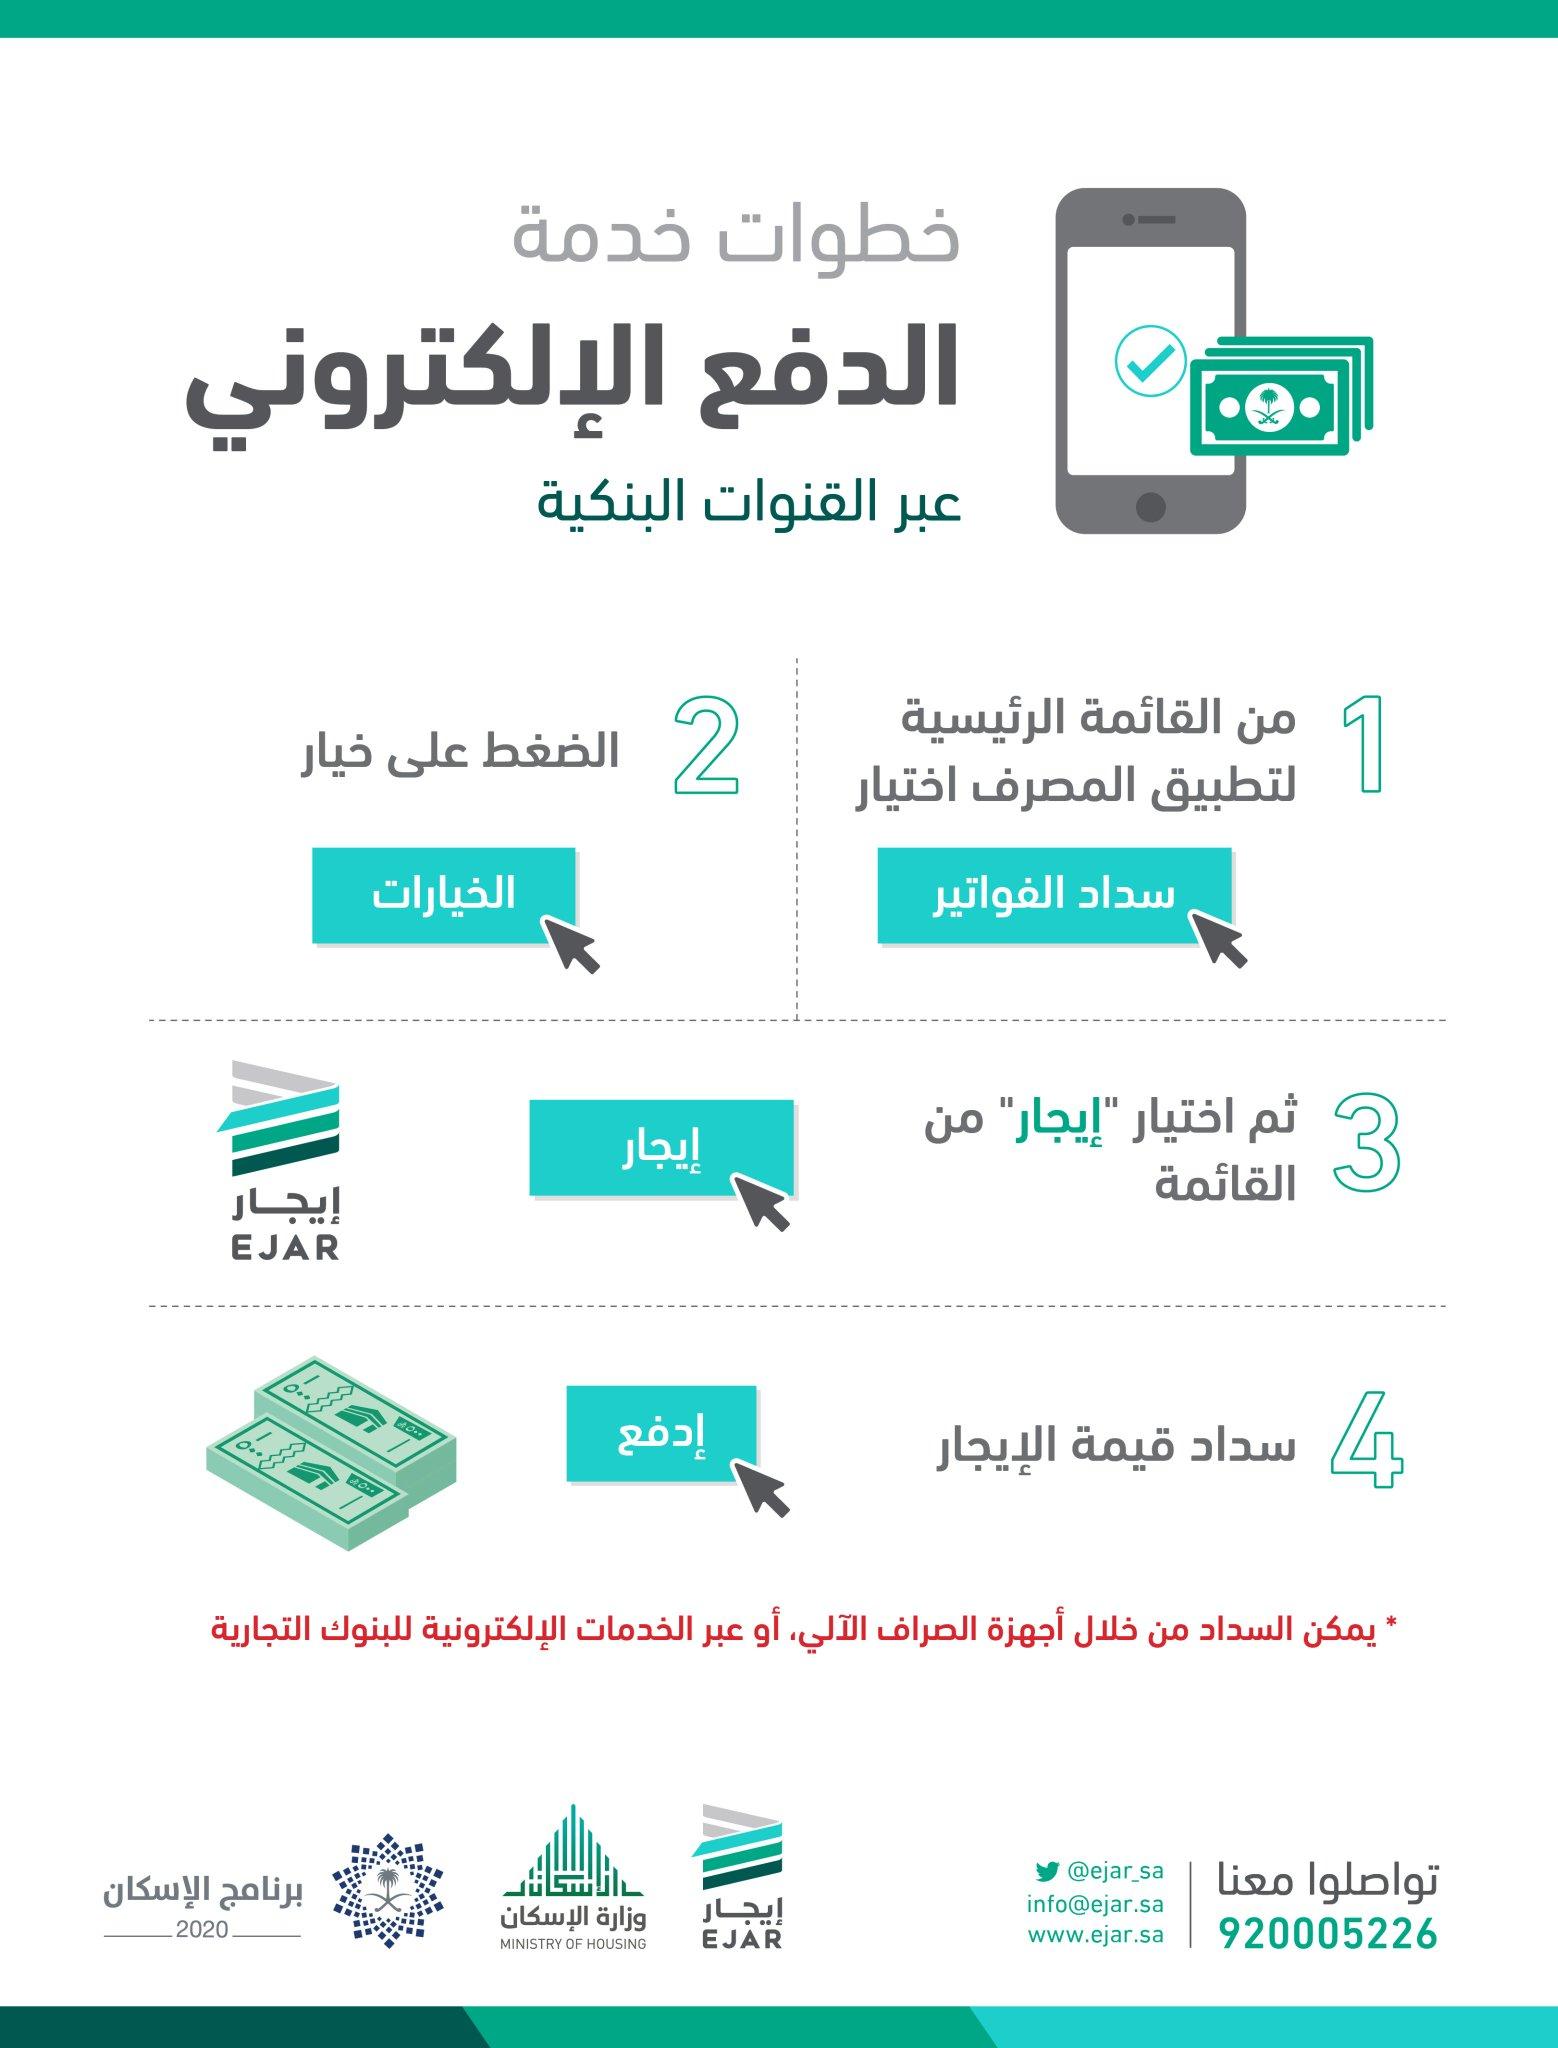 إيجار Twitterren إيجار أول تحو ل ت سهل قنوات الدفع الإلكترونية على المستأجر سداد قيمة دفعات الإيجار